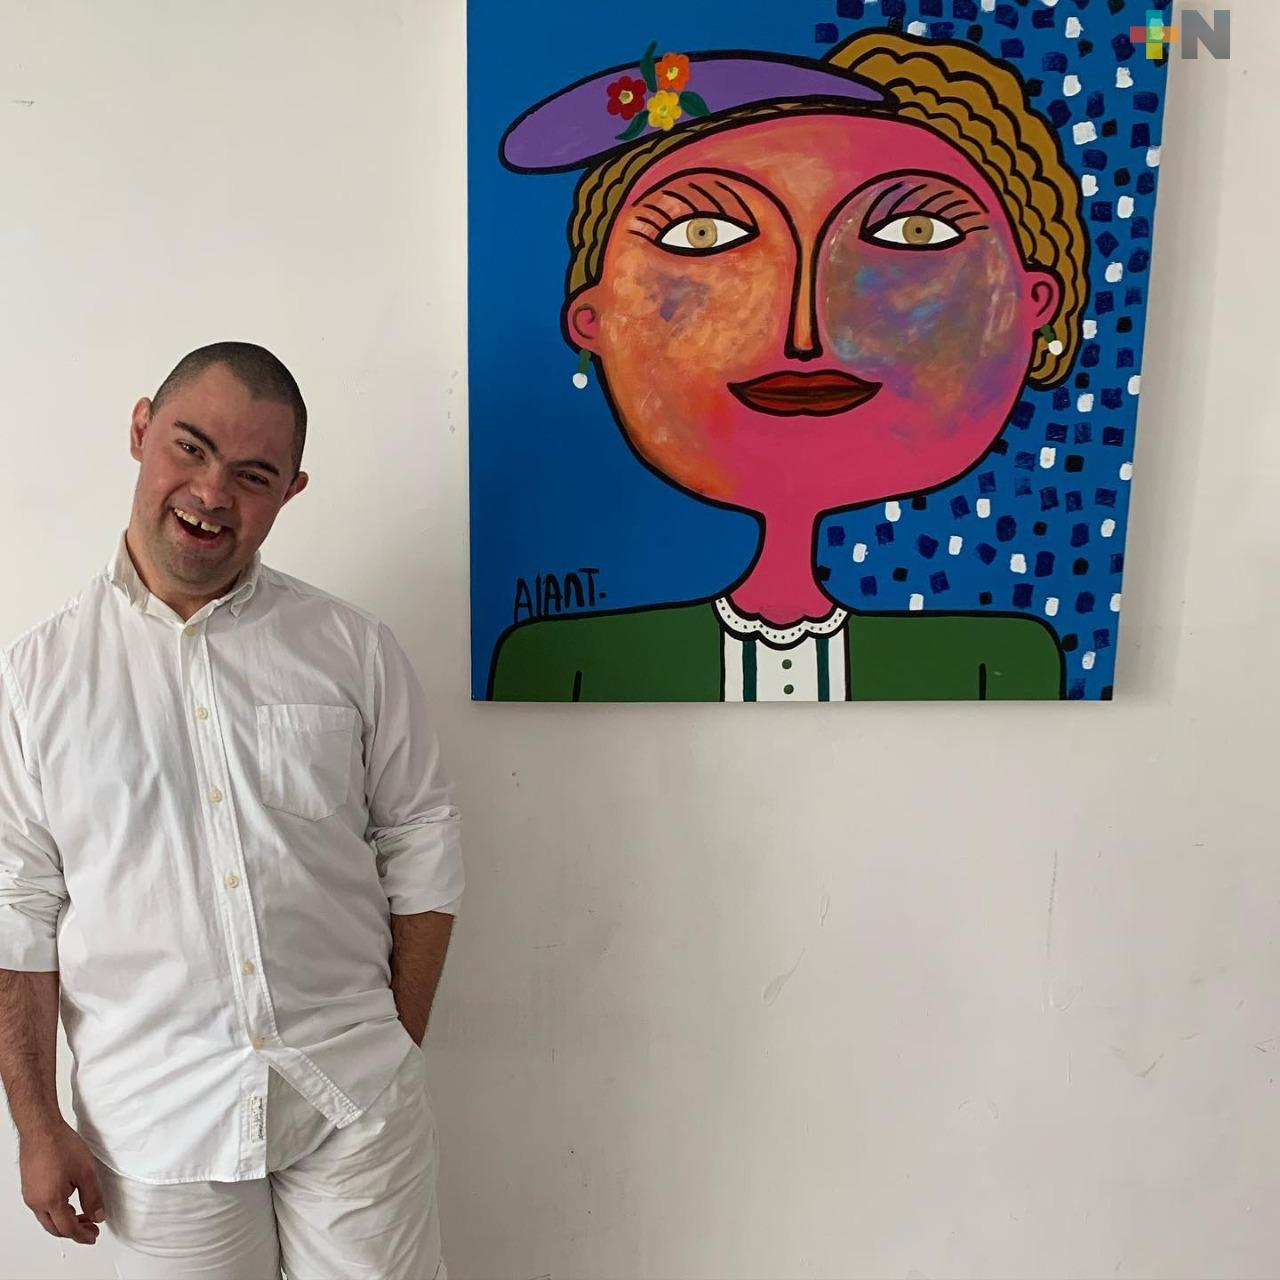 El artista plástico Alan Téllez mantiene activos sus proyectos